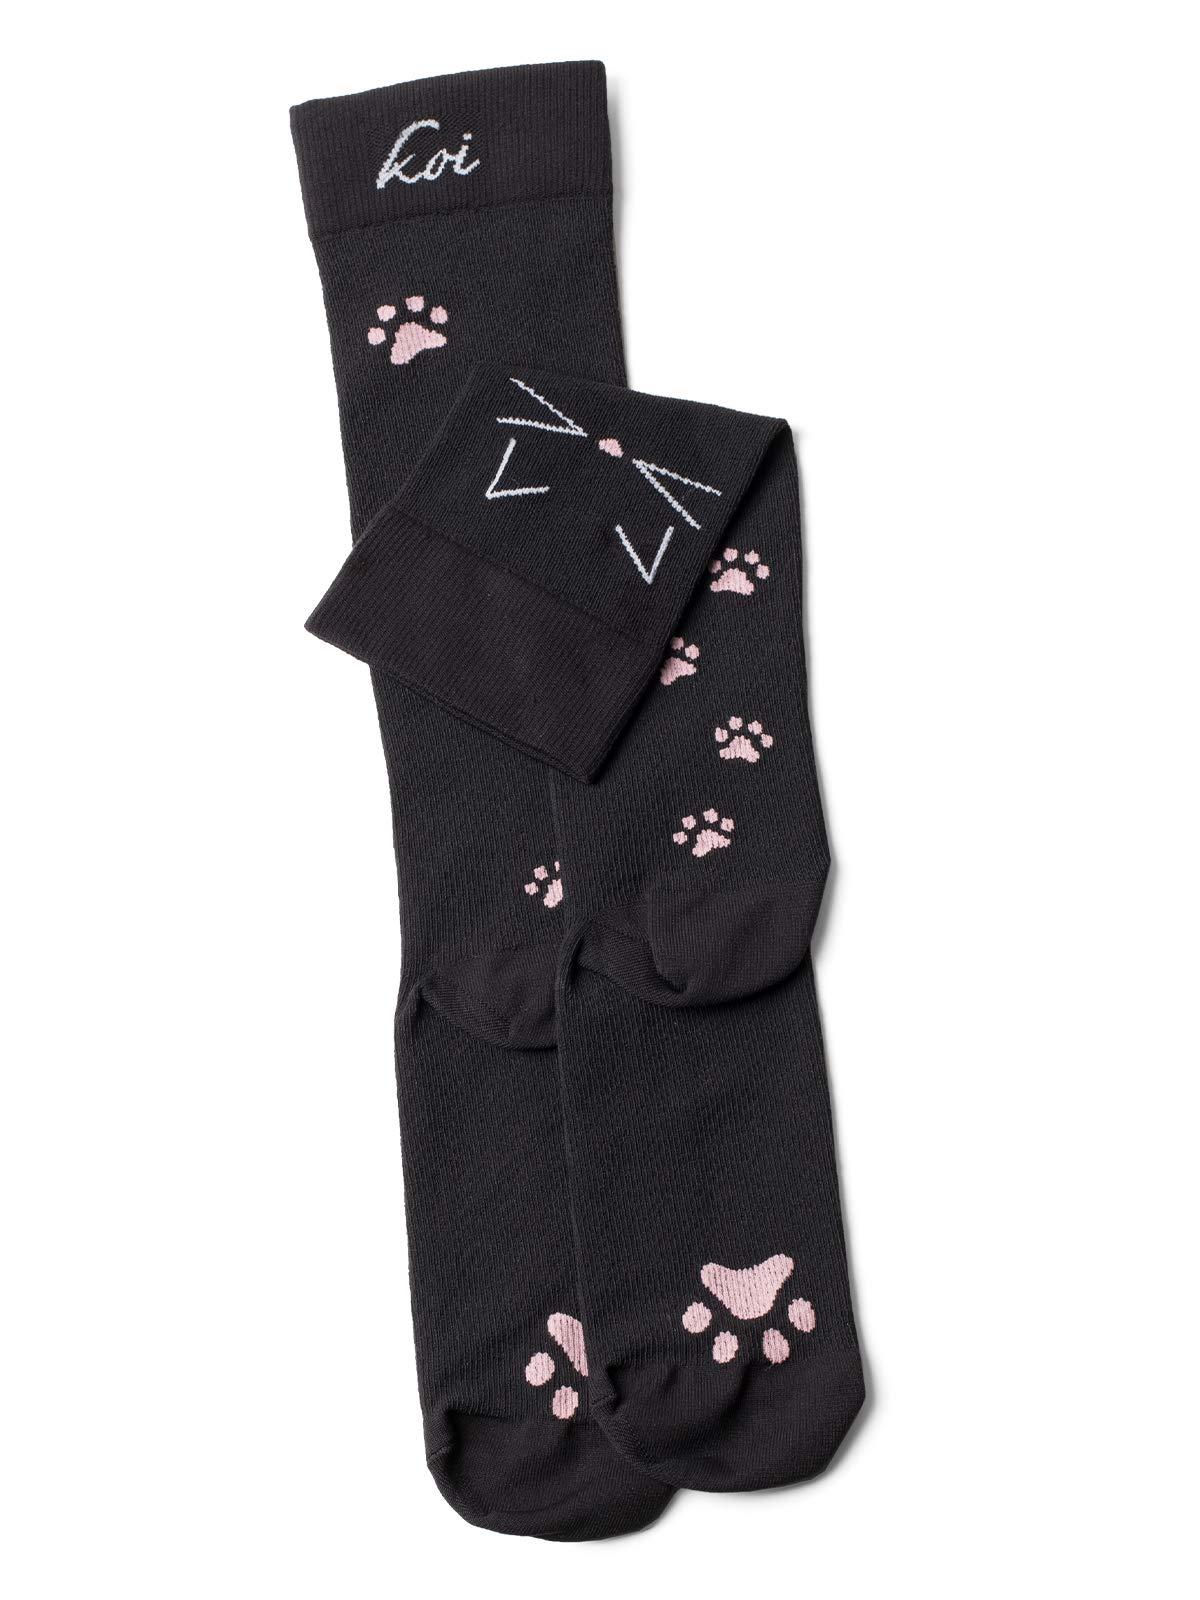 Koi Women's Compression Socks Print Design